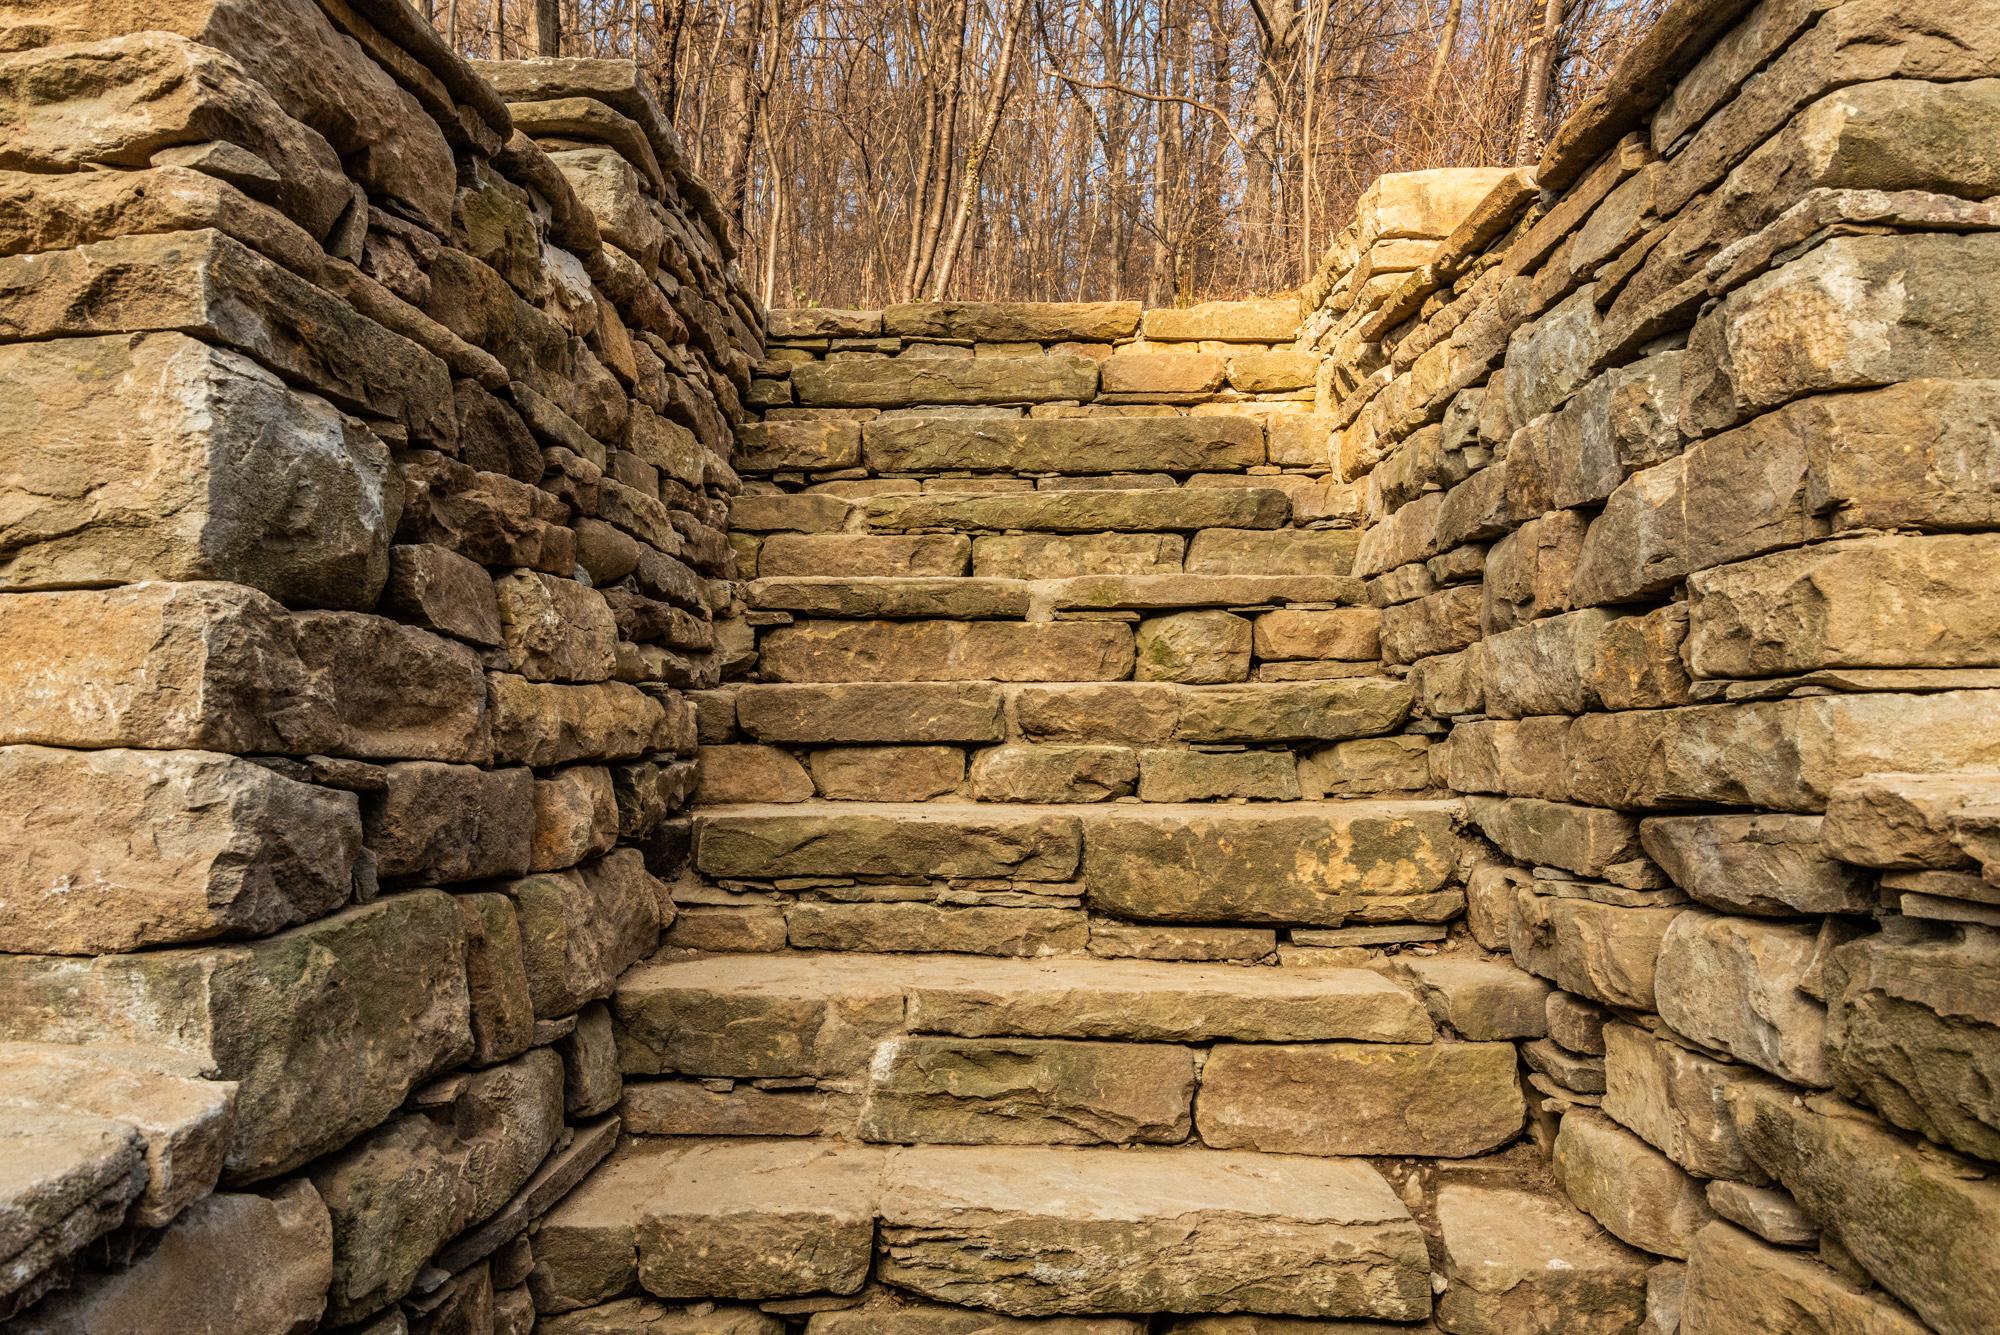 Каменни стъпала, които са вградени в подпорна стена от суха каменна зидария